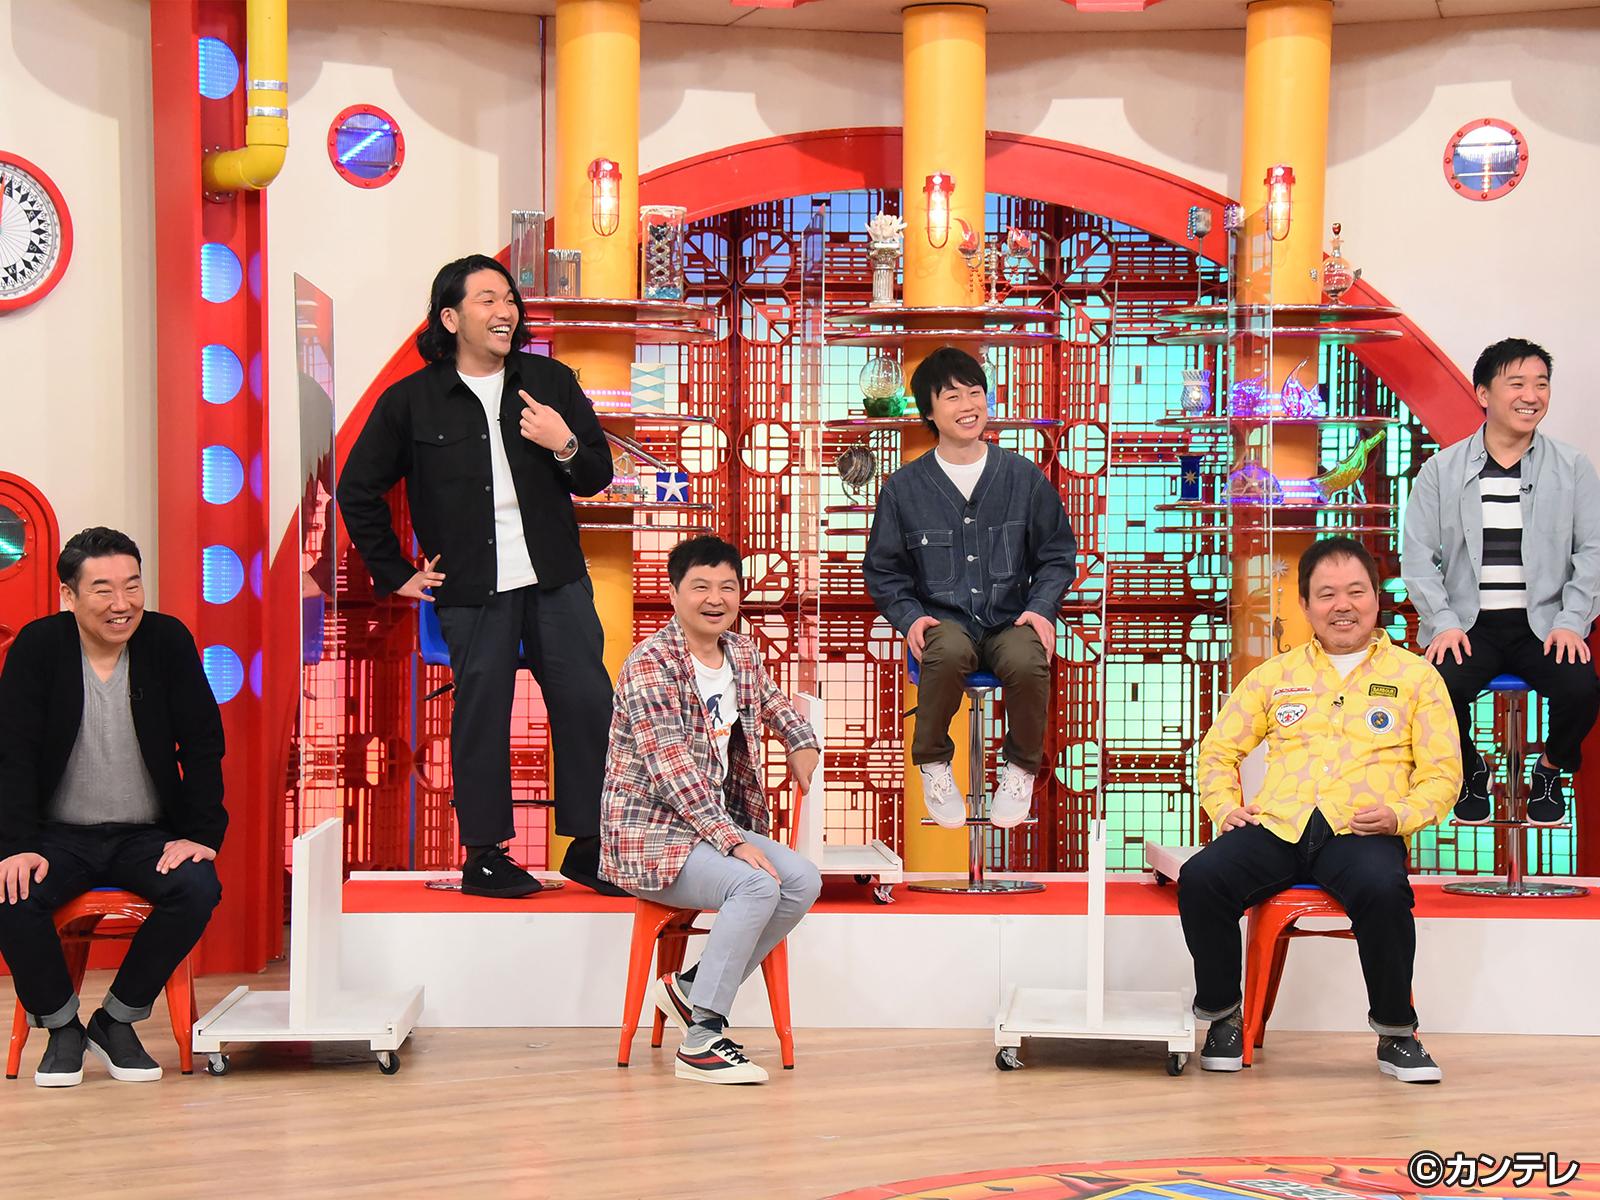 マルコポロリ!#687 Aぇ! group参戦スペシャル 2021/03/07放送分